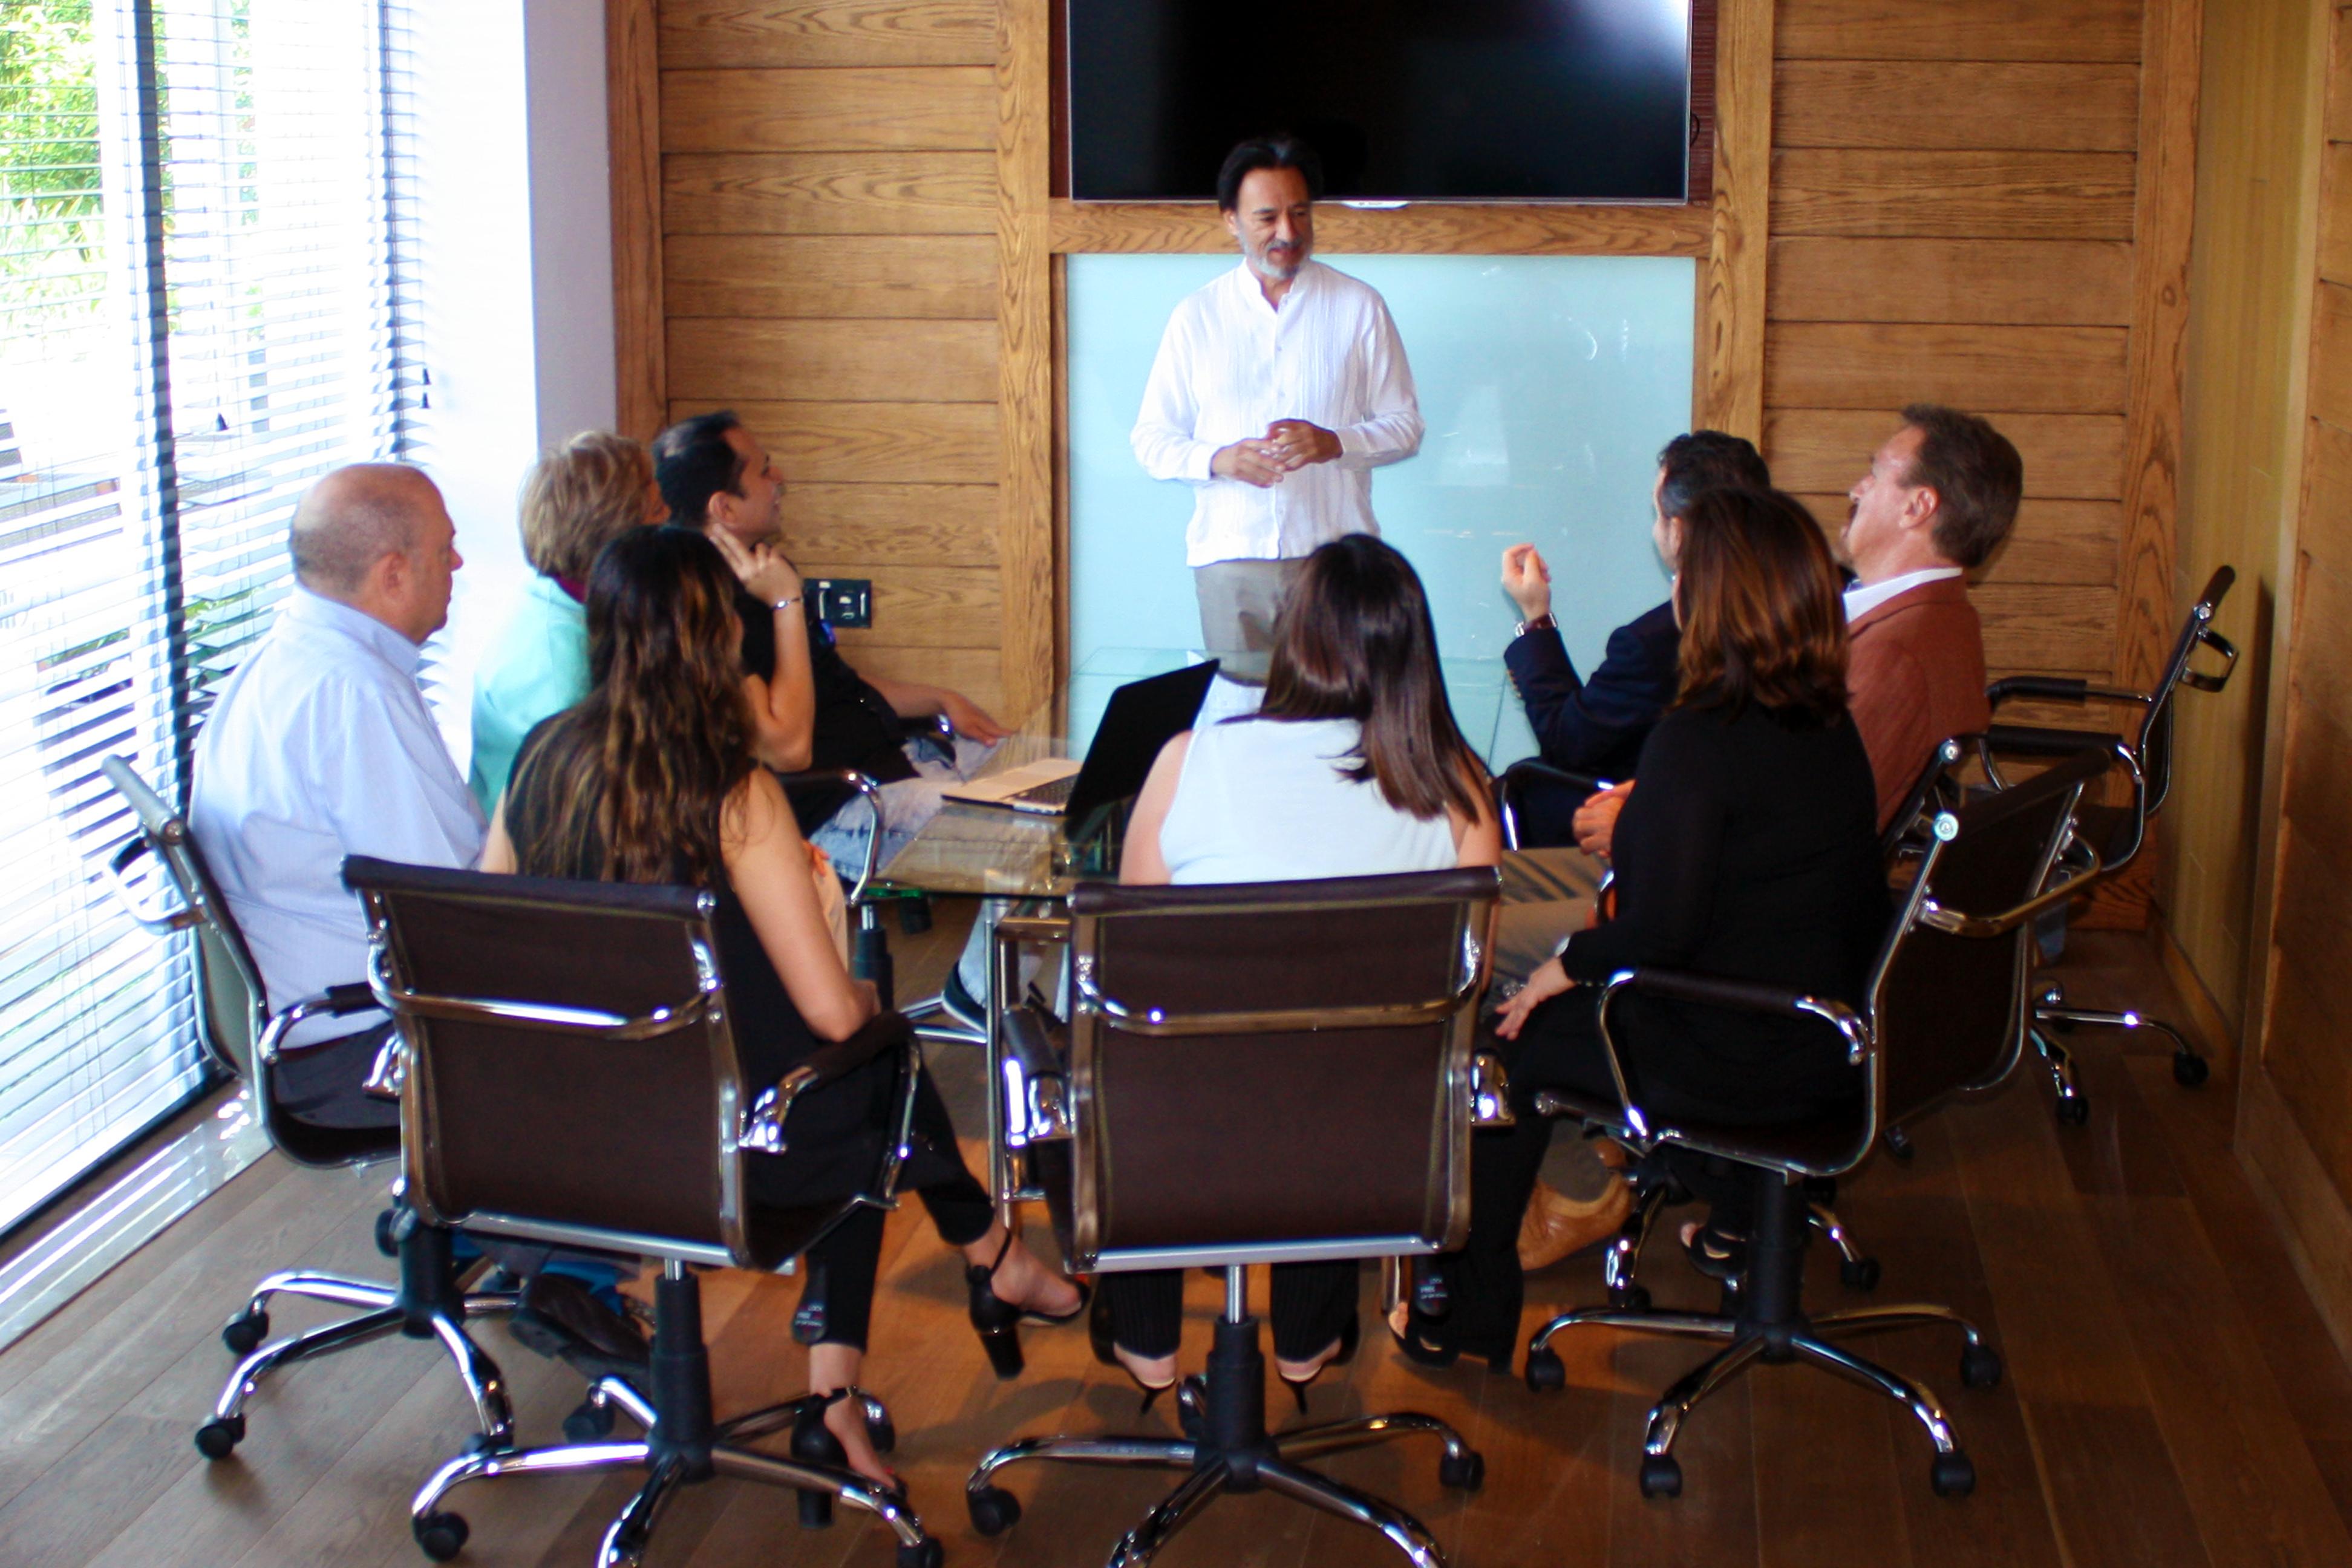 Lo que converses o dejes de conversar, afectará a tu organización ¿Conversamos?